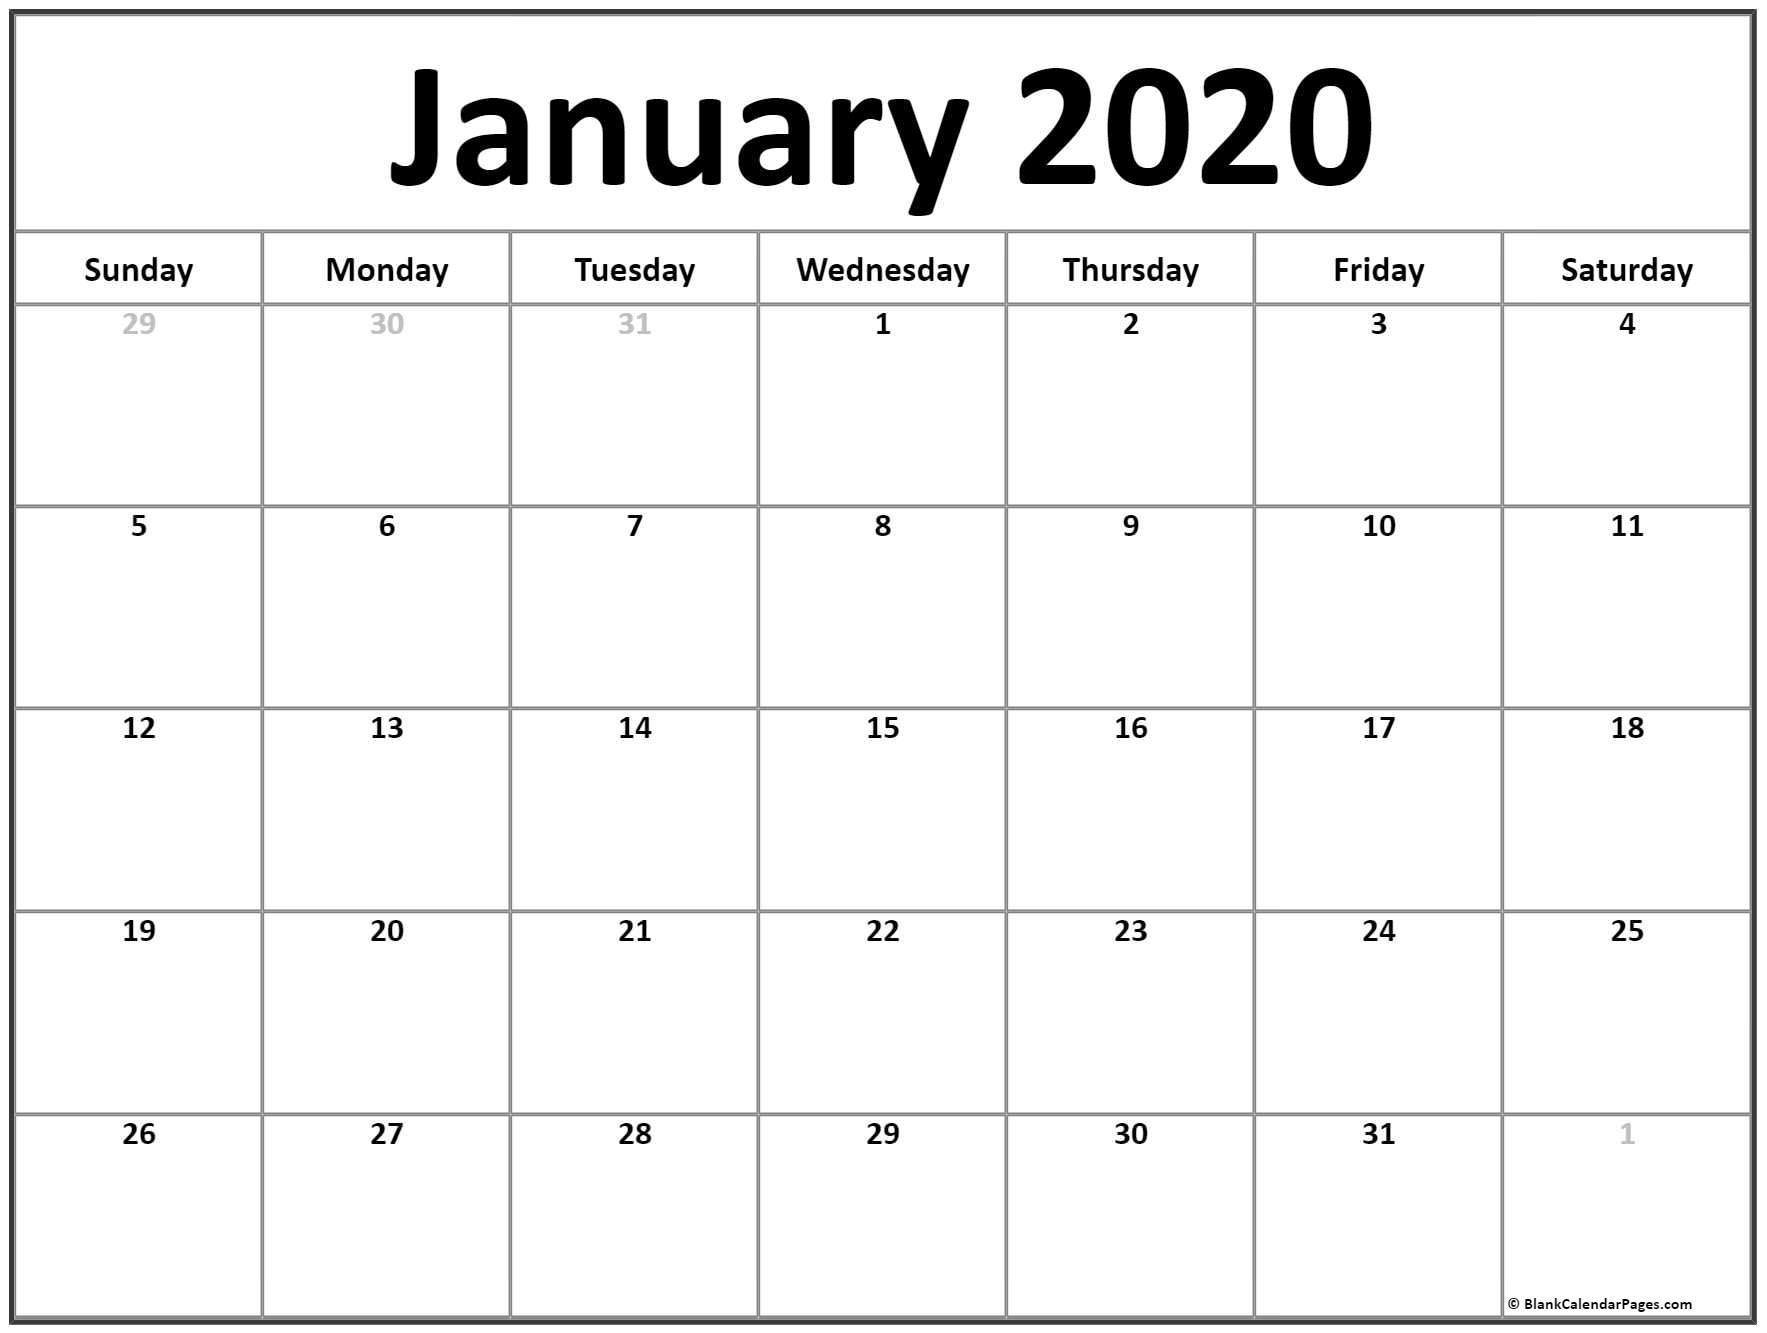 Free January 2020 Printable Calendar - Create Your Editable-January 2020 Calendar Jpg